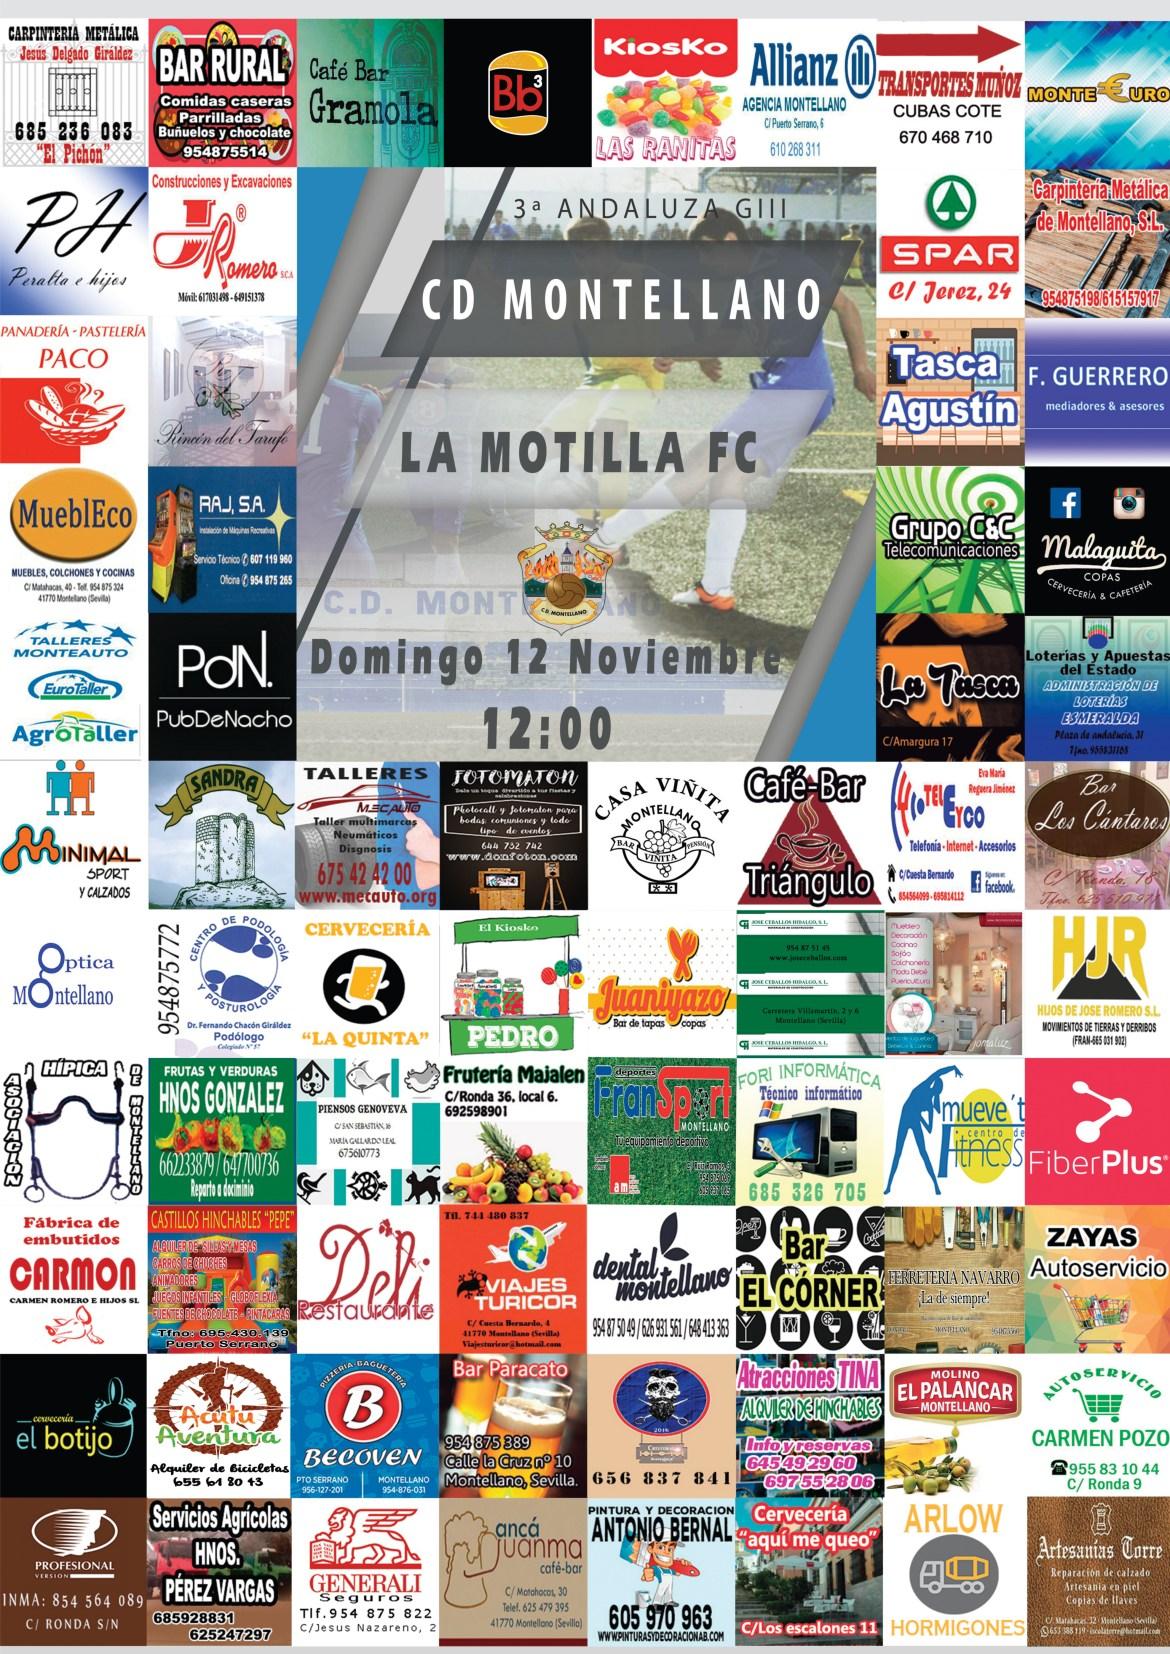 Cartel CD Montellano - La Motilla